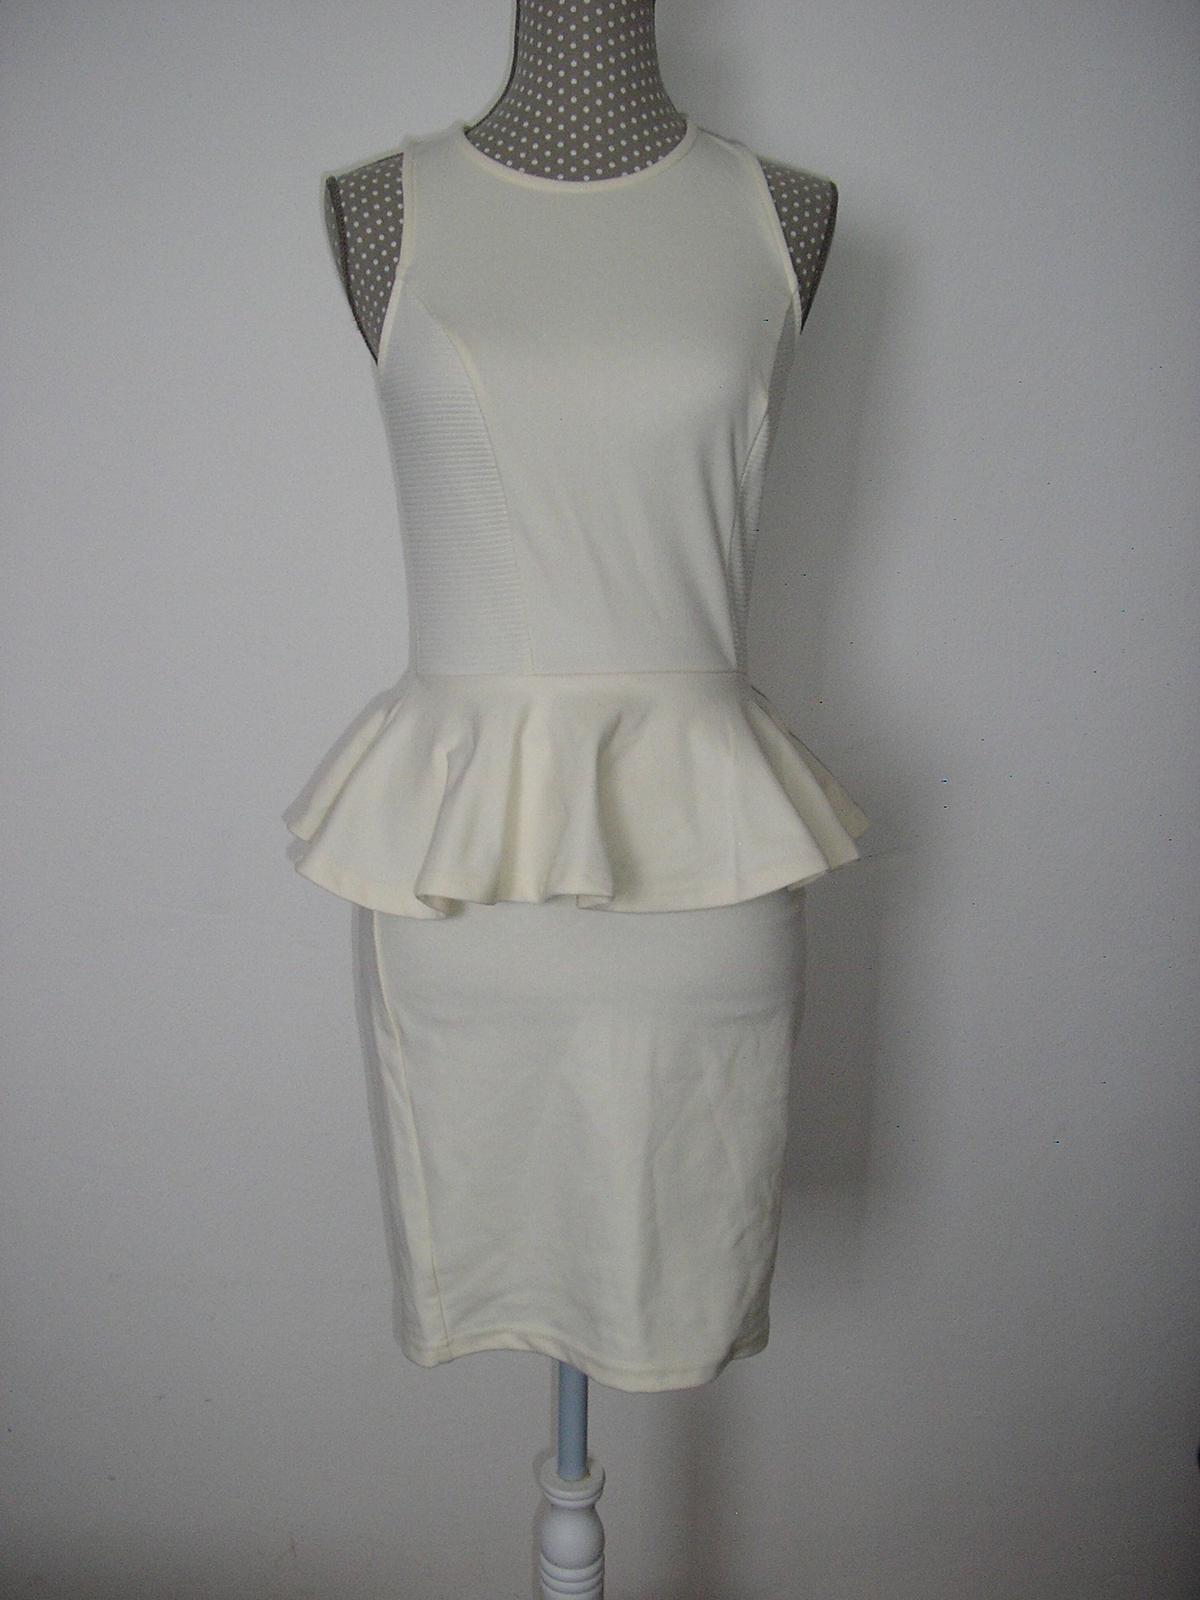 1337. Athmosphere šaty - Obrázok č. 1